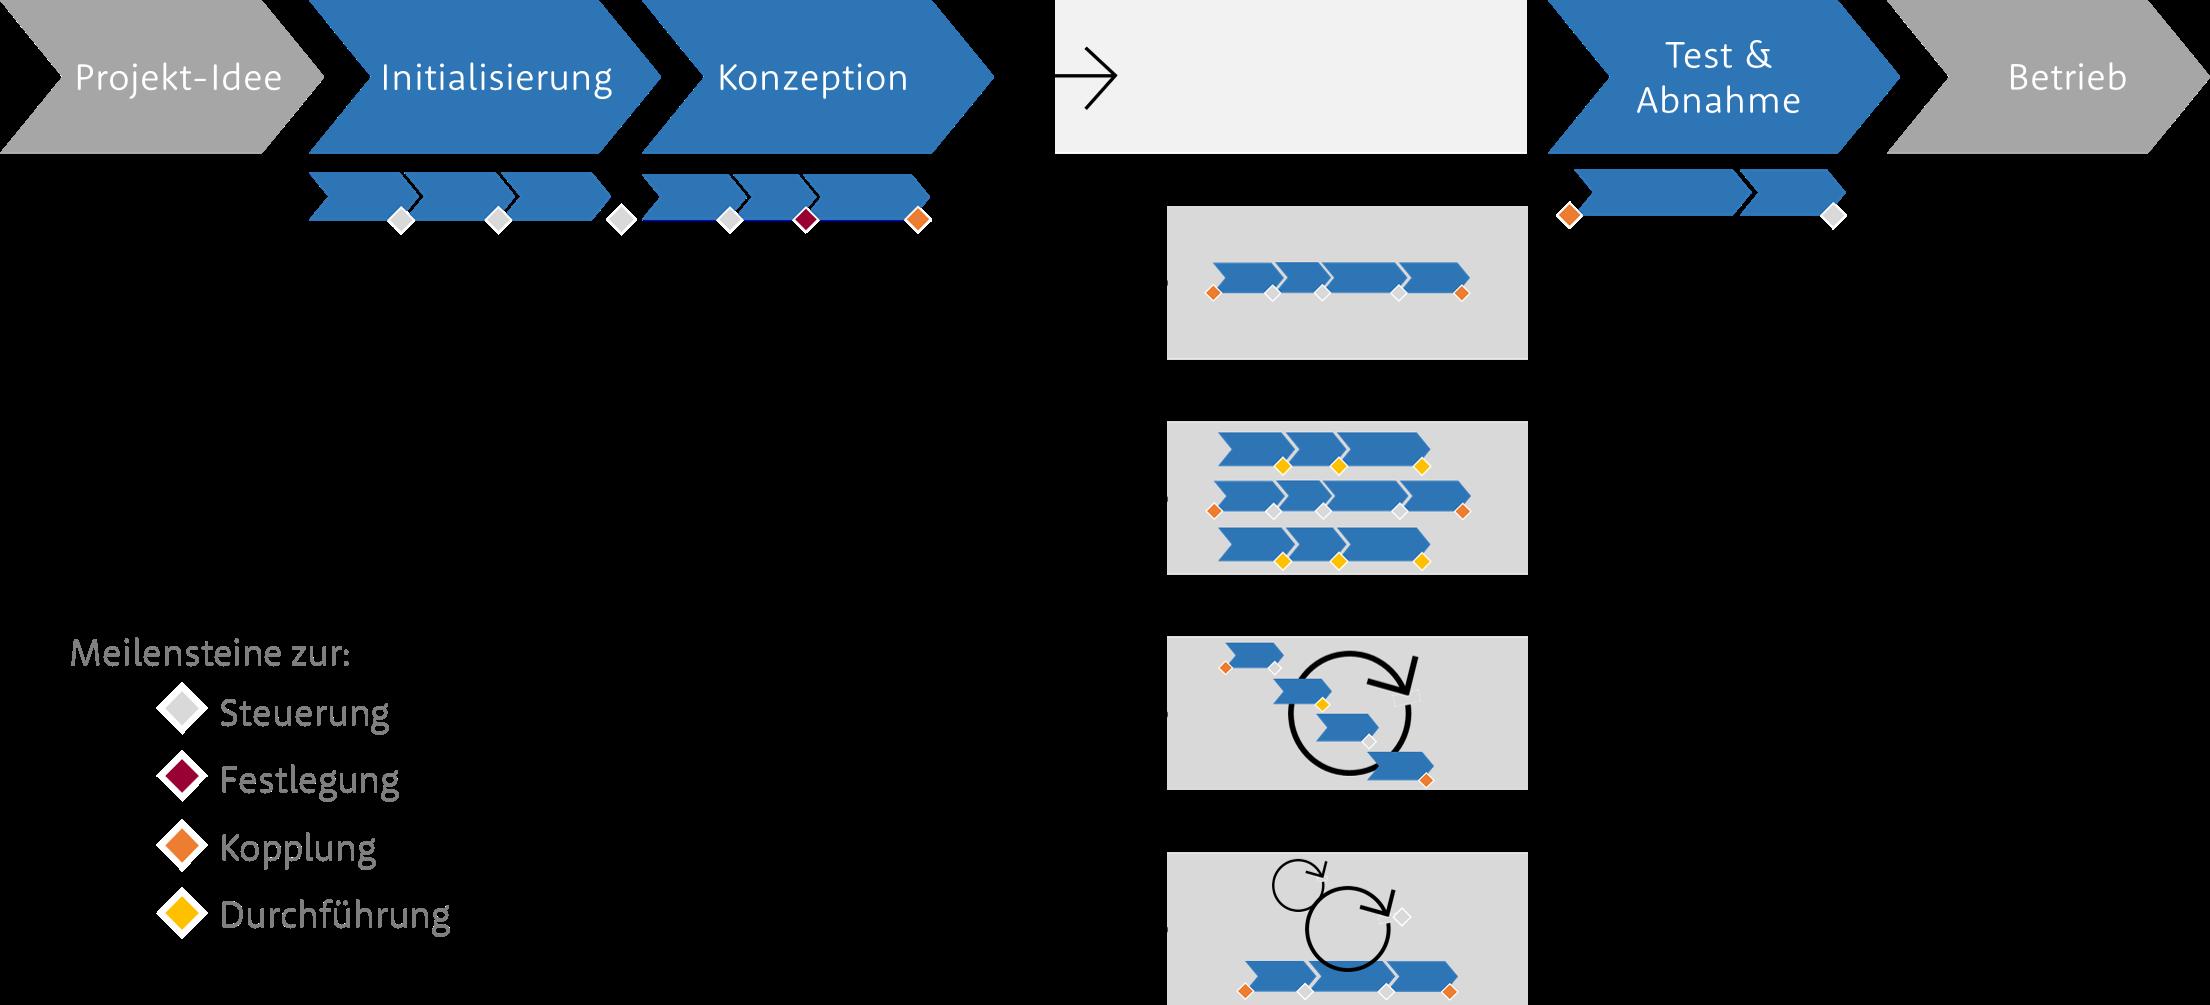 Projektmanagement, Agil oder alles nach Plan? Welche Projektmanagementmethode ist die Richtige?